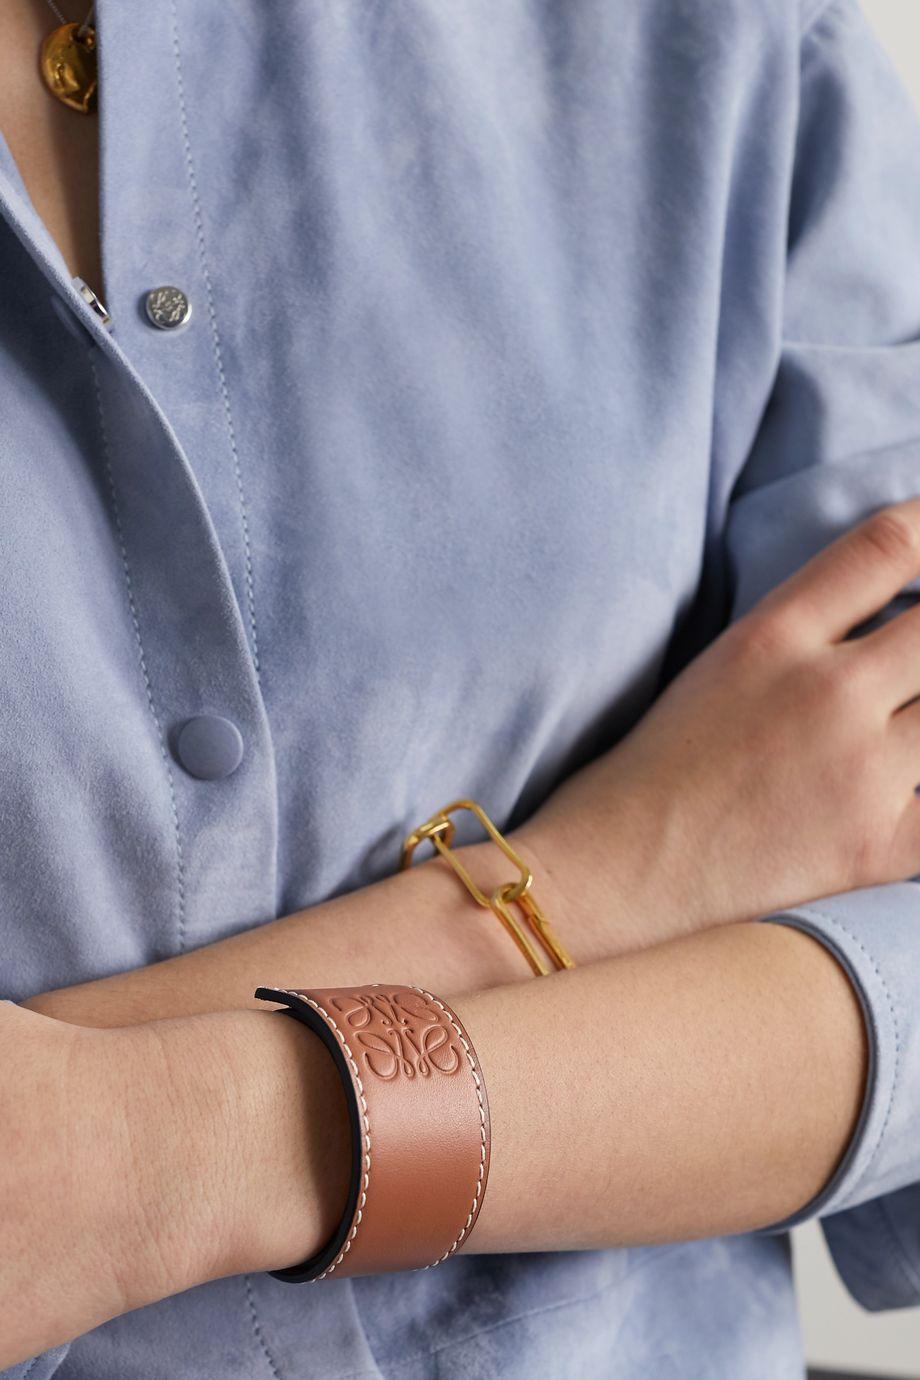 Loewe Embossed leather bracelet